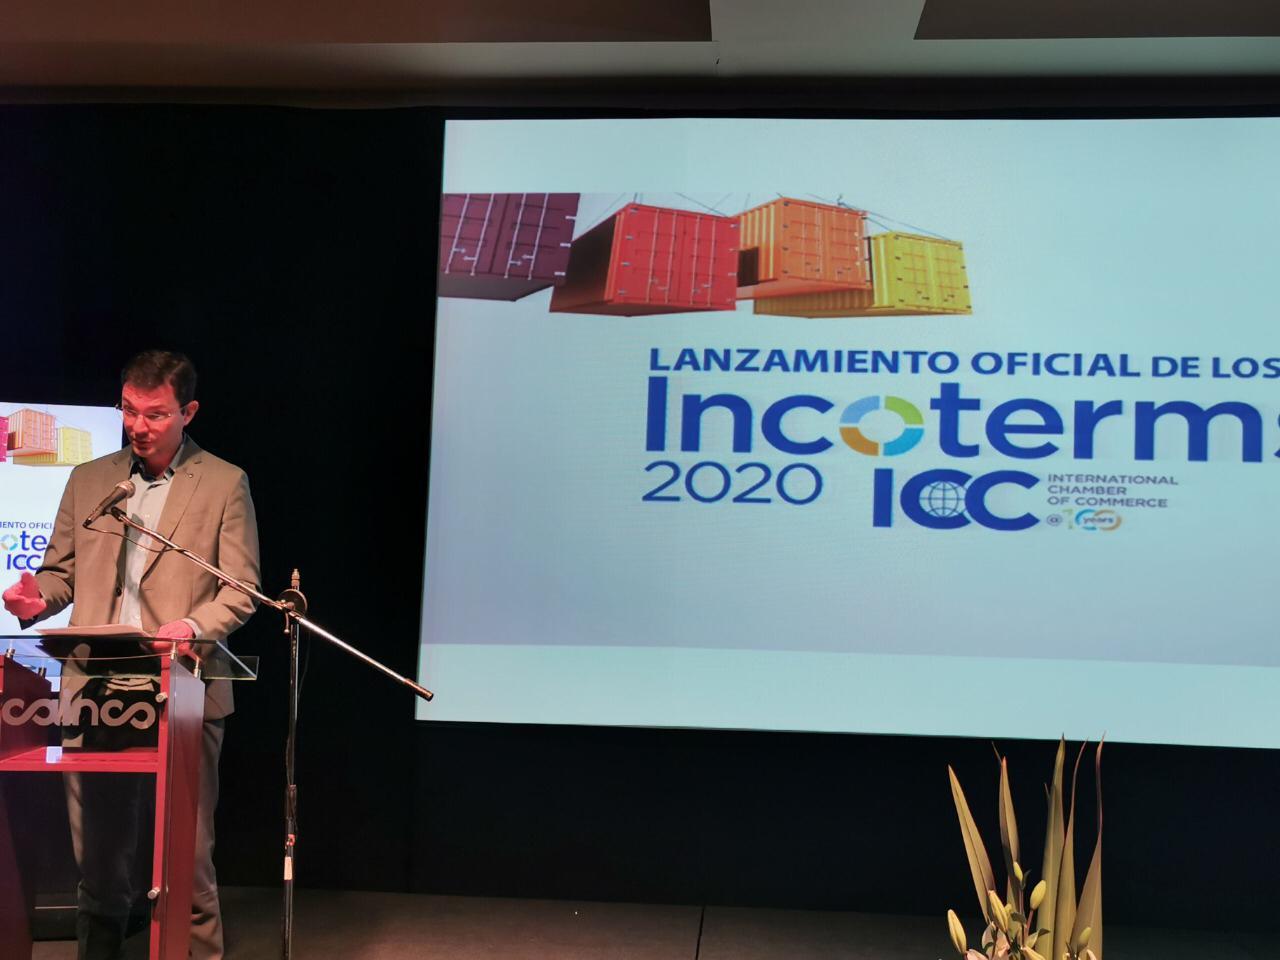 Incoterms 2020: las nuevas reglas del comercio global son una oportunidad para reactivar la economía boliviana